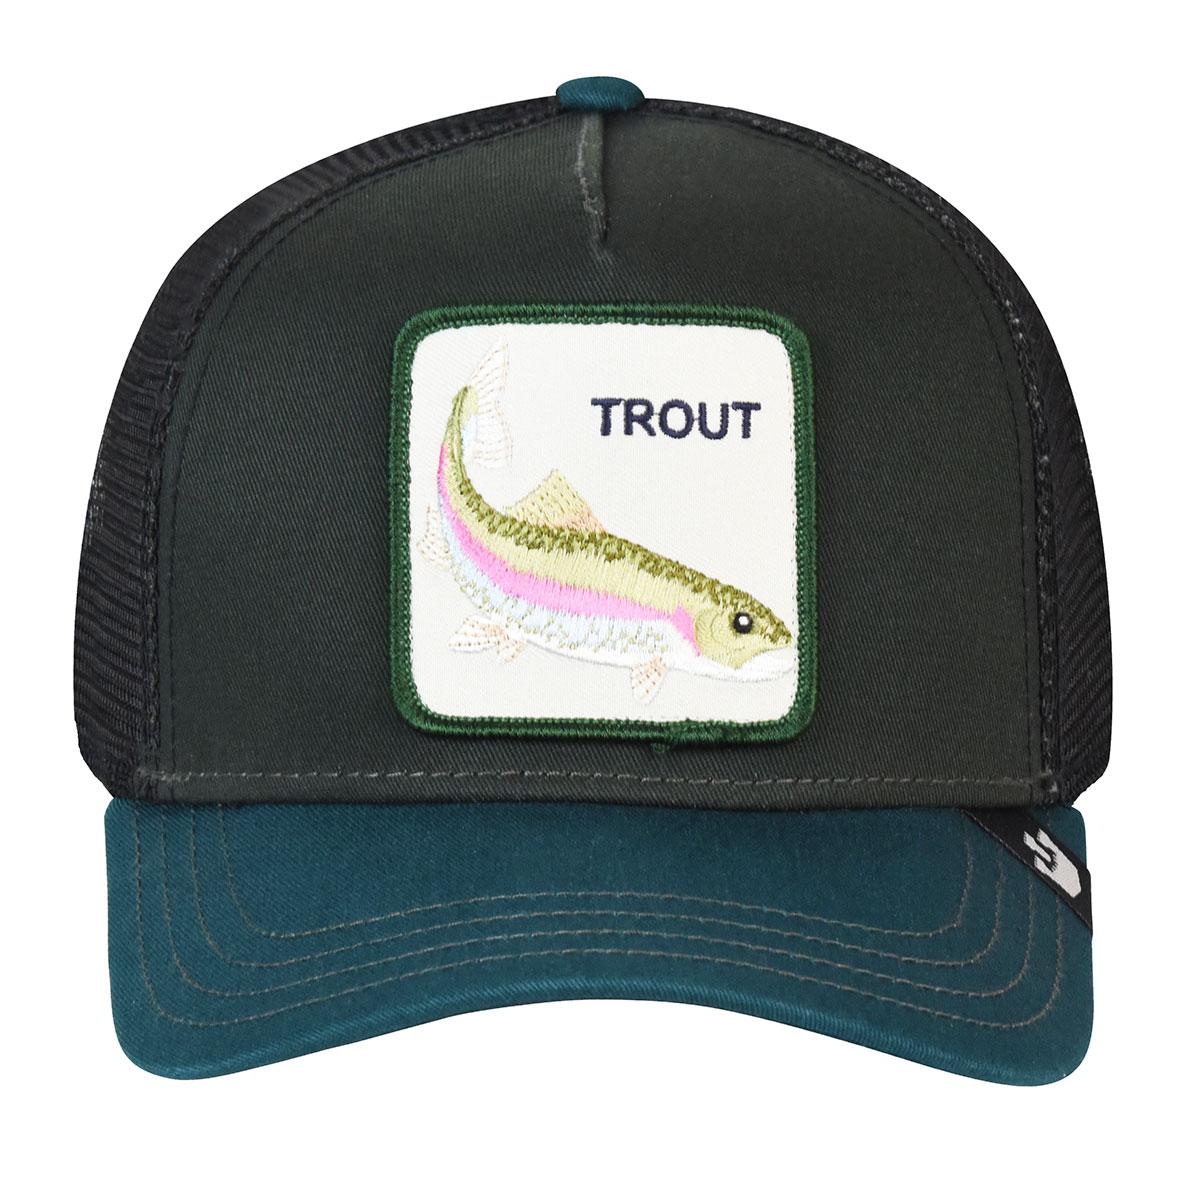 Goorin Bros. Trout Trucker in Black